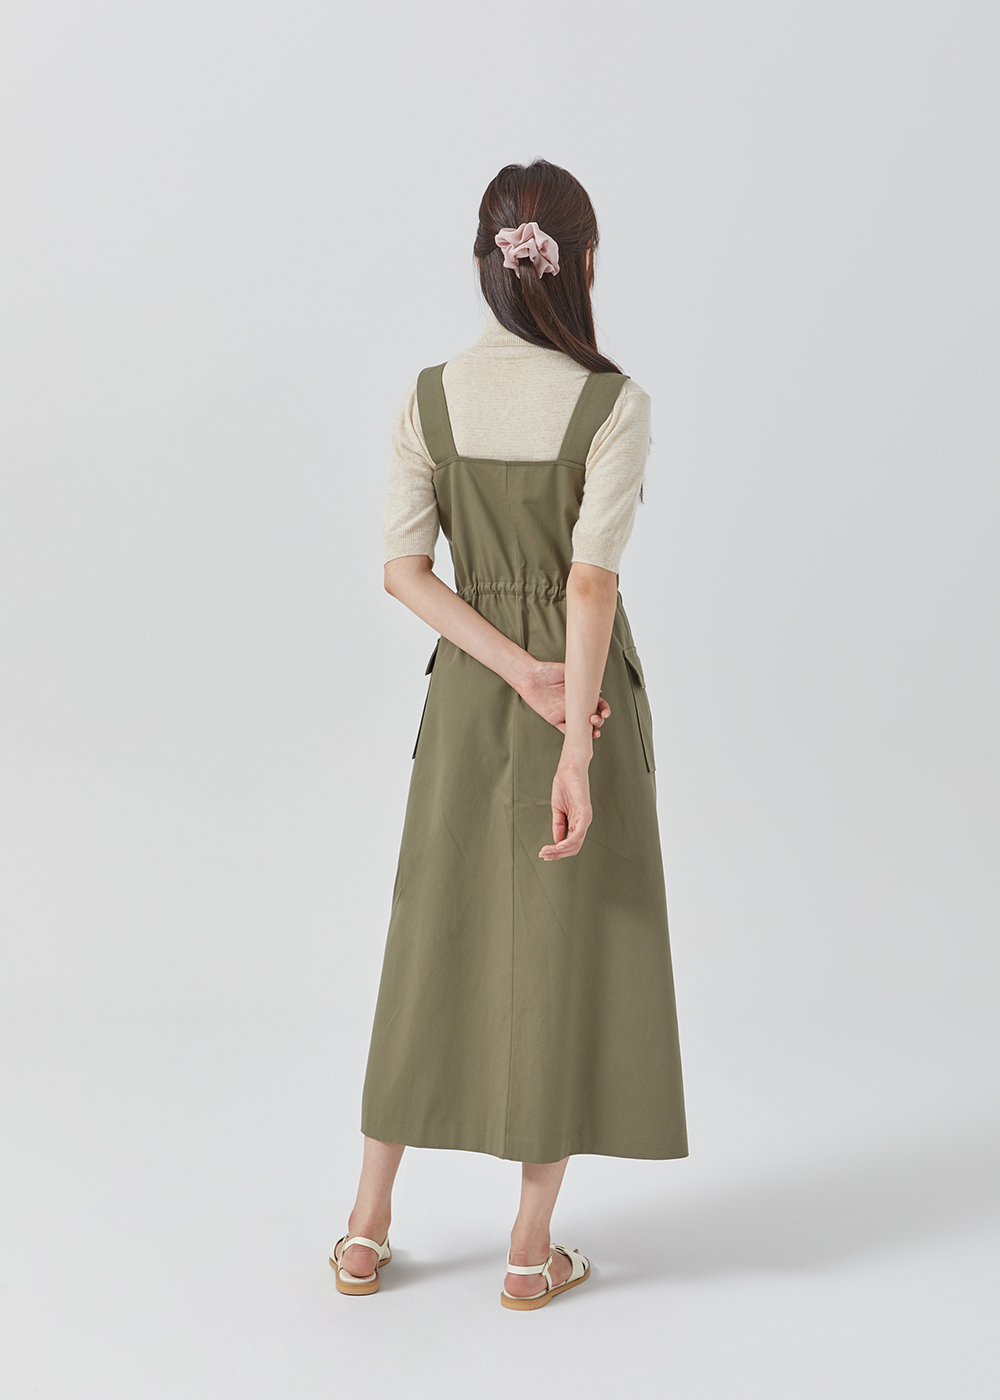 Turtleneck Short Sleeve Knitwear